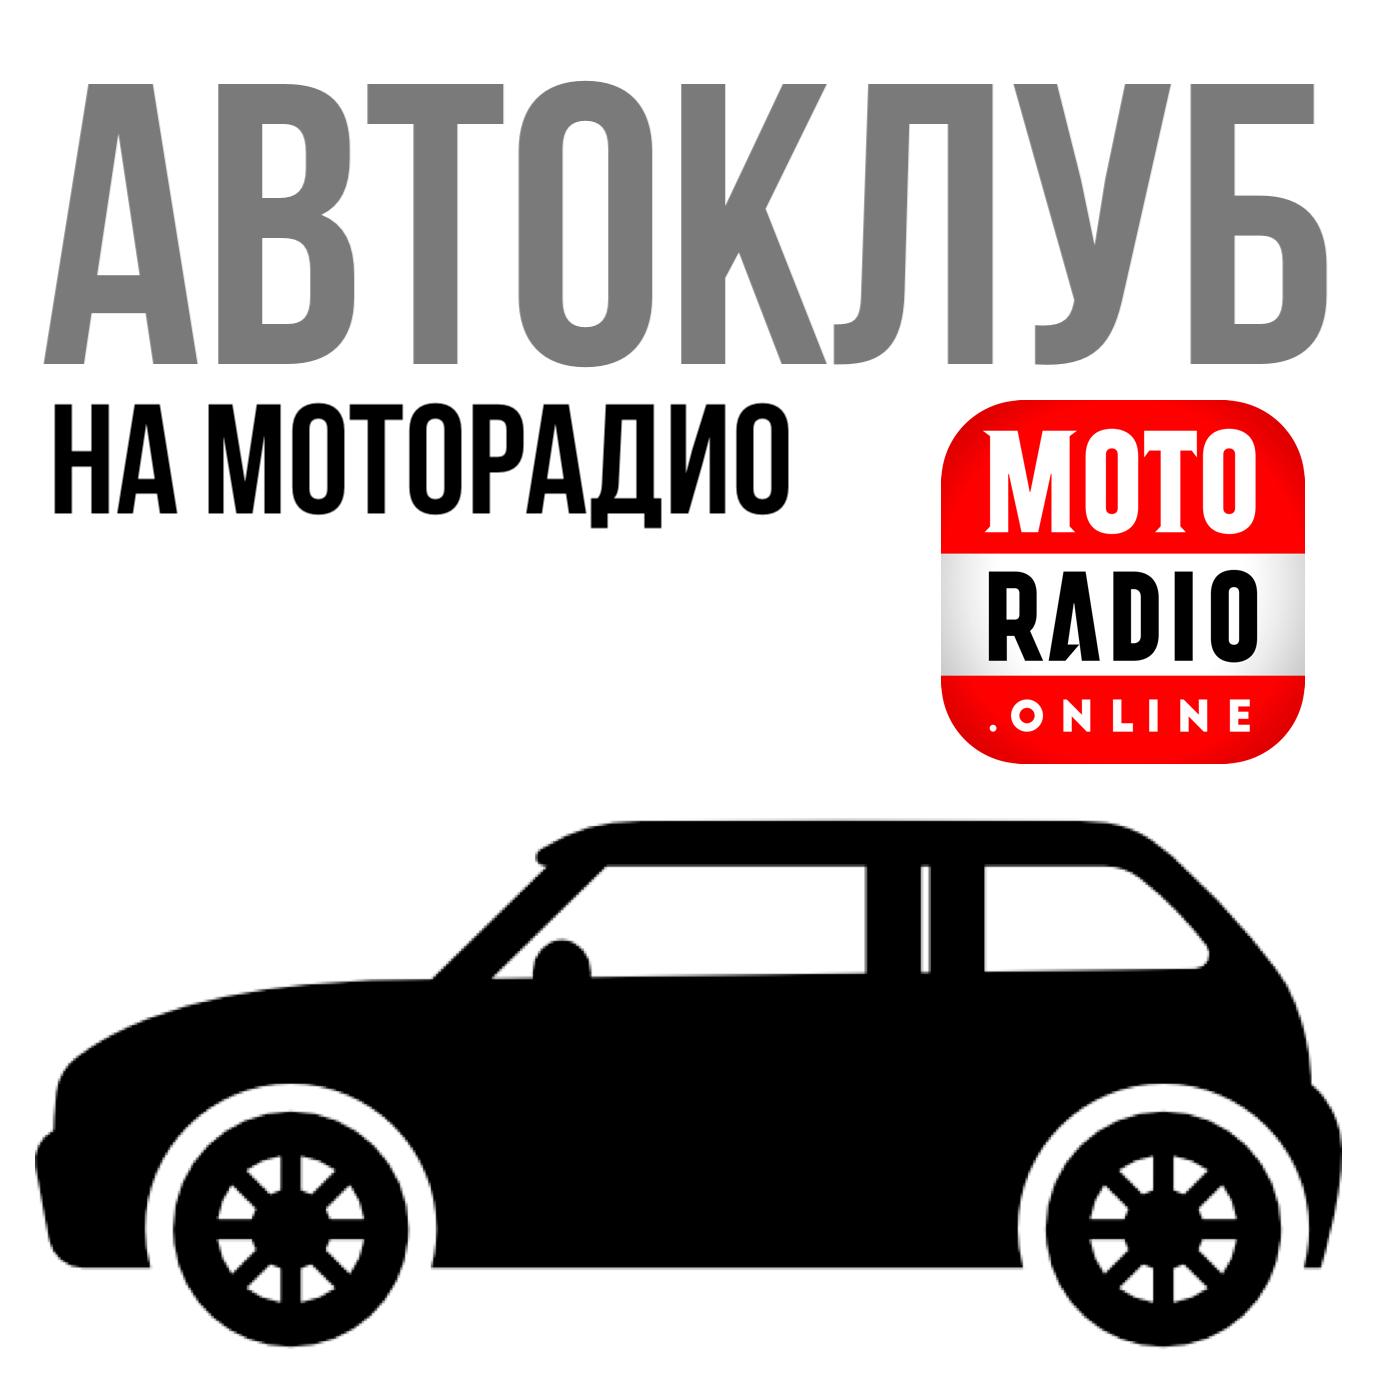 Купить книгу Автомобильные колесные диски - виды: штампованные, литые и кованые., автора Александра Цыпина